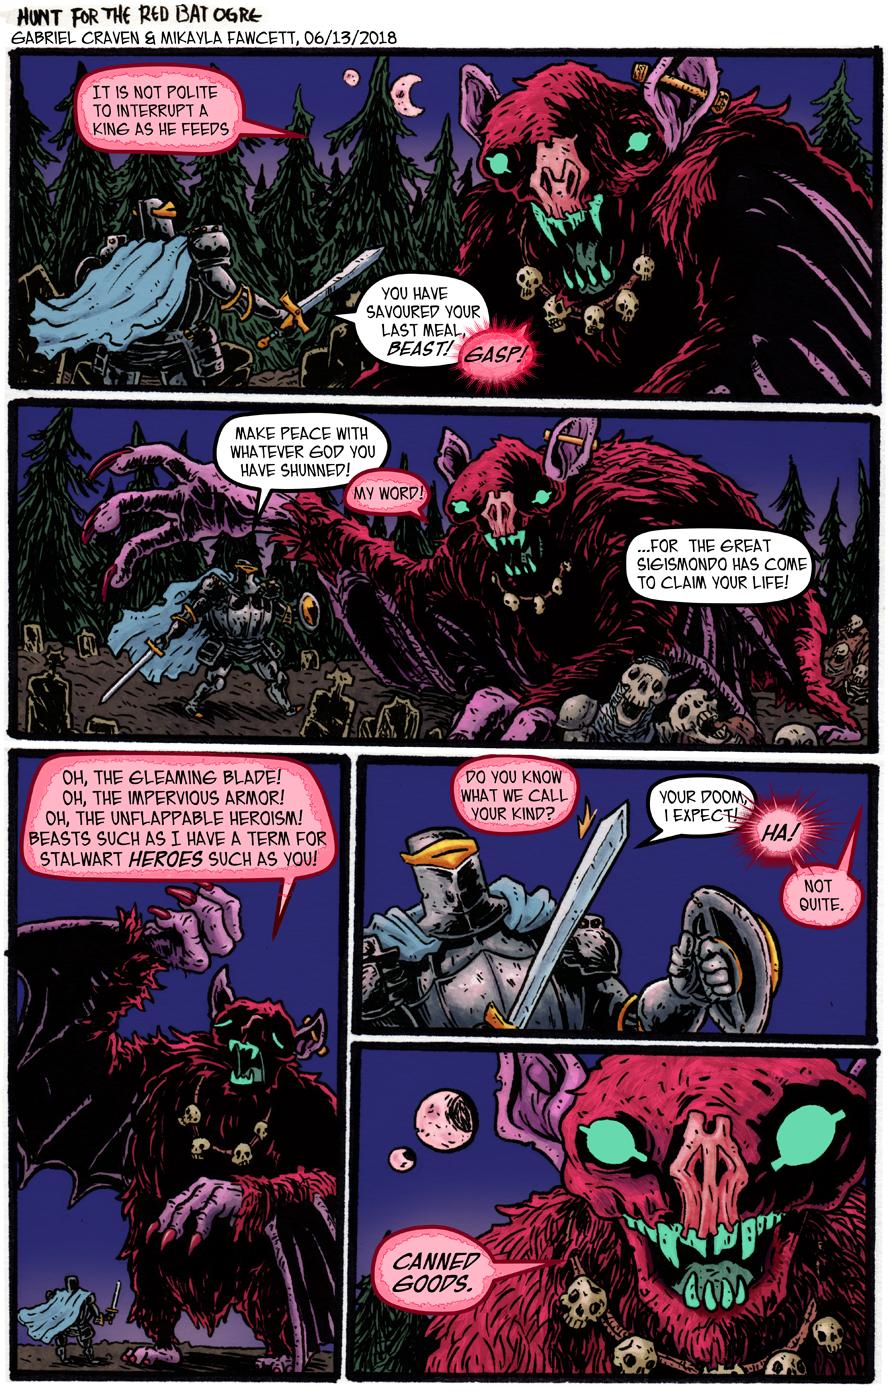 The Aspiring Legend: Hunt for the Red Bat Ogre